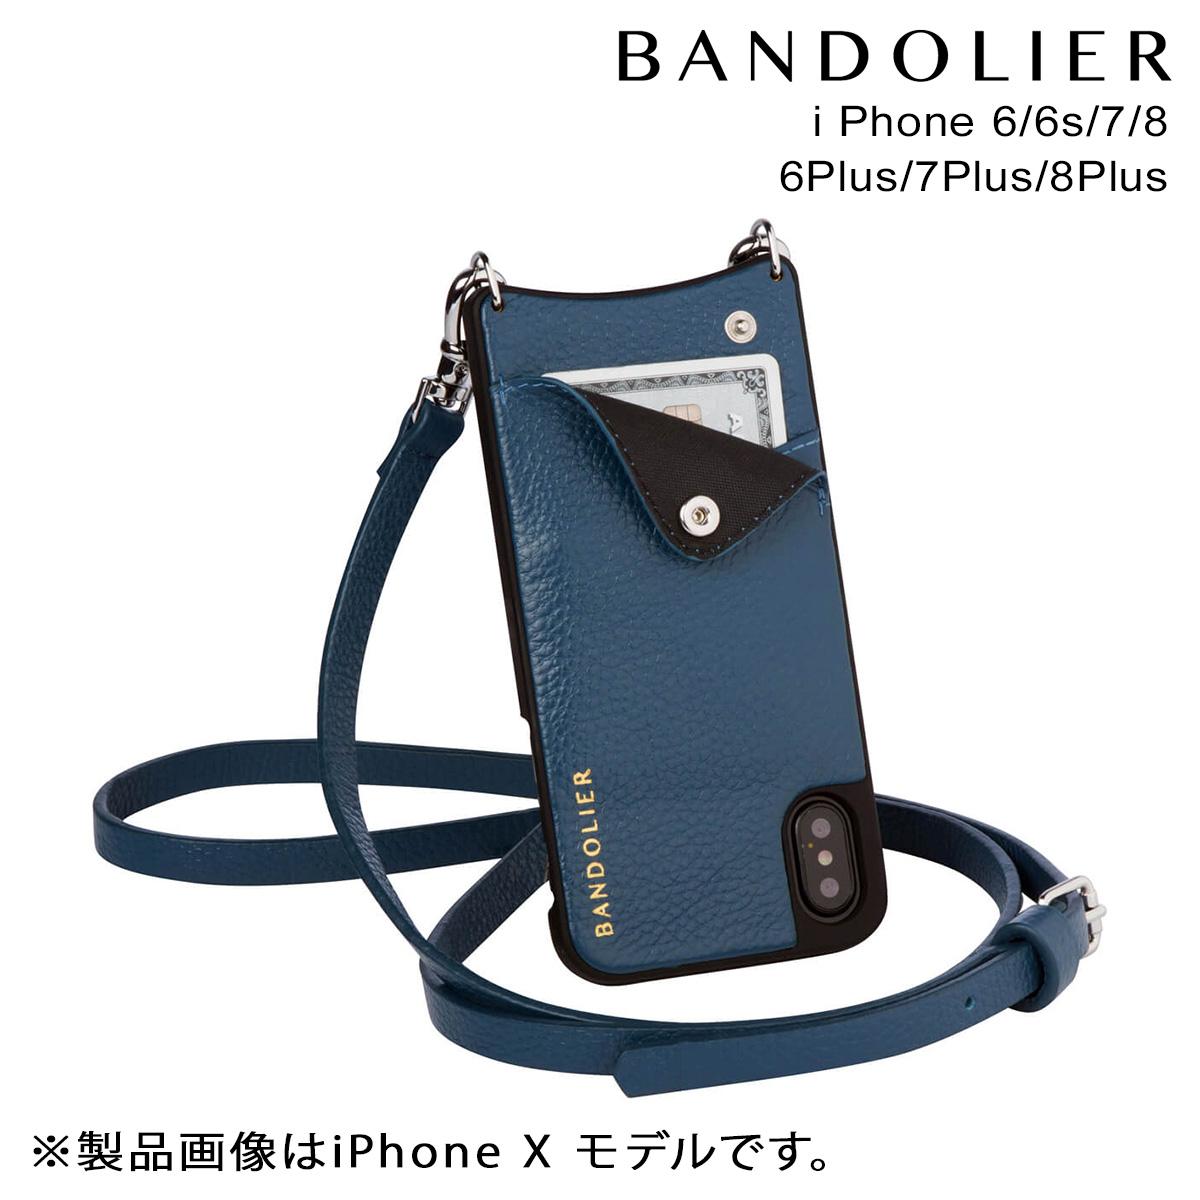 バンドリヤー BANDOLIER iPhone8 iPhone7 7Plus 6s ケース スマホ アイフォン プラス EMMA SAPPHIRE メンズ レディース [9/19 新入荷]